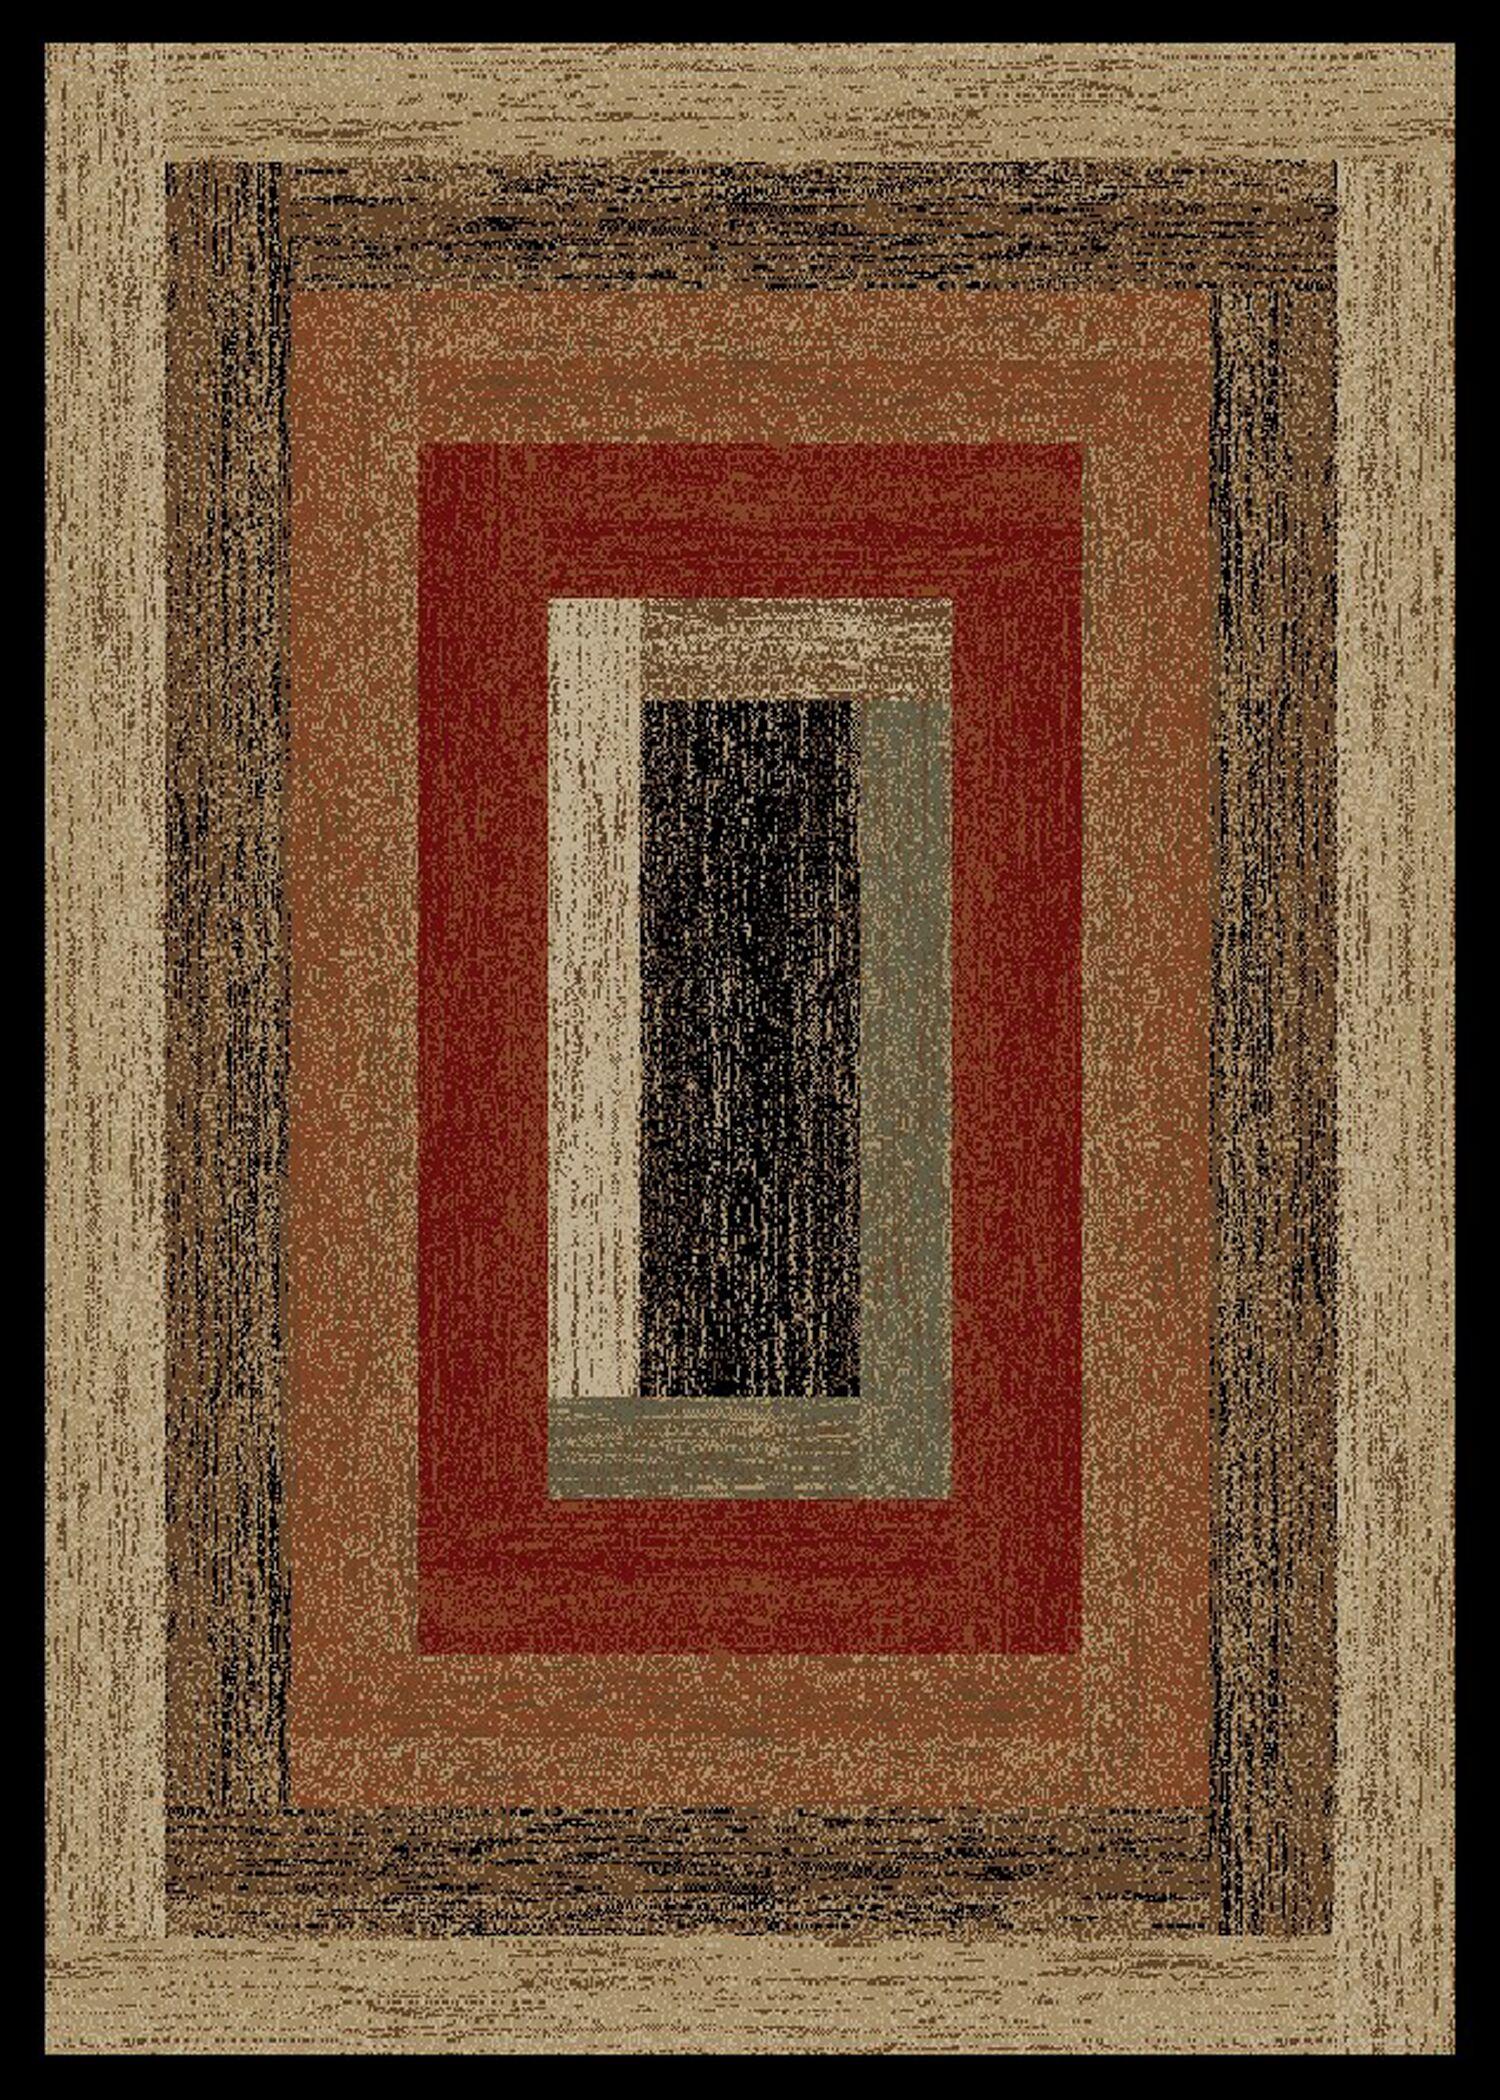 Durango Rustic Panel Beige Area Rug Rug Size: Rectangle 5' x 8'